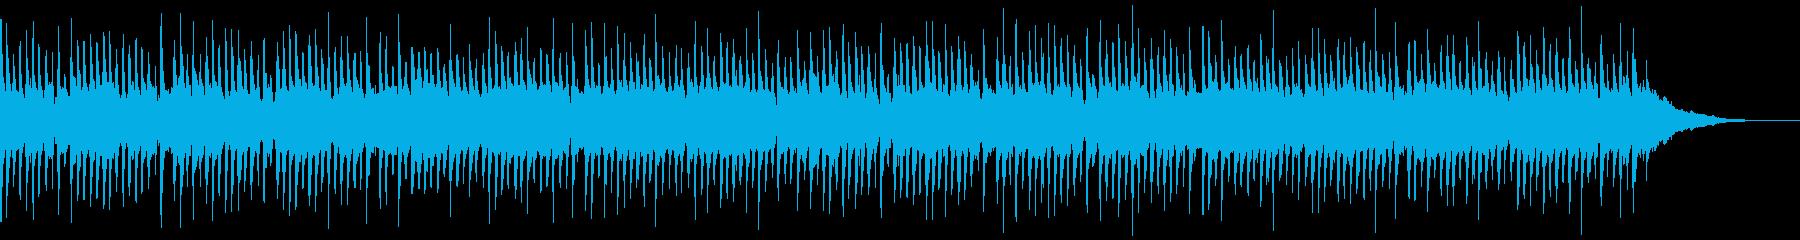 オープニング・和風・パワフル・ロックの再生済みの波形